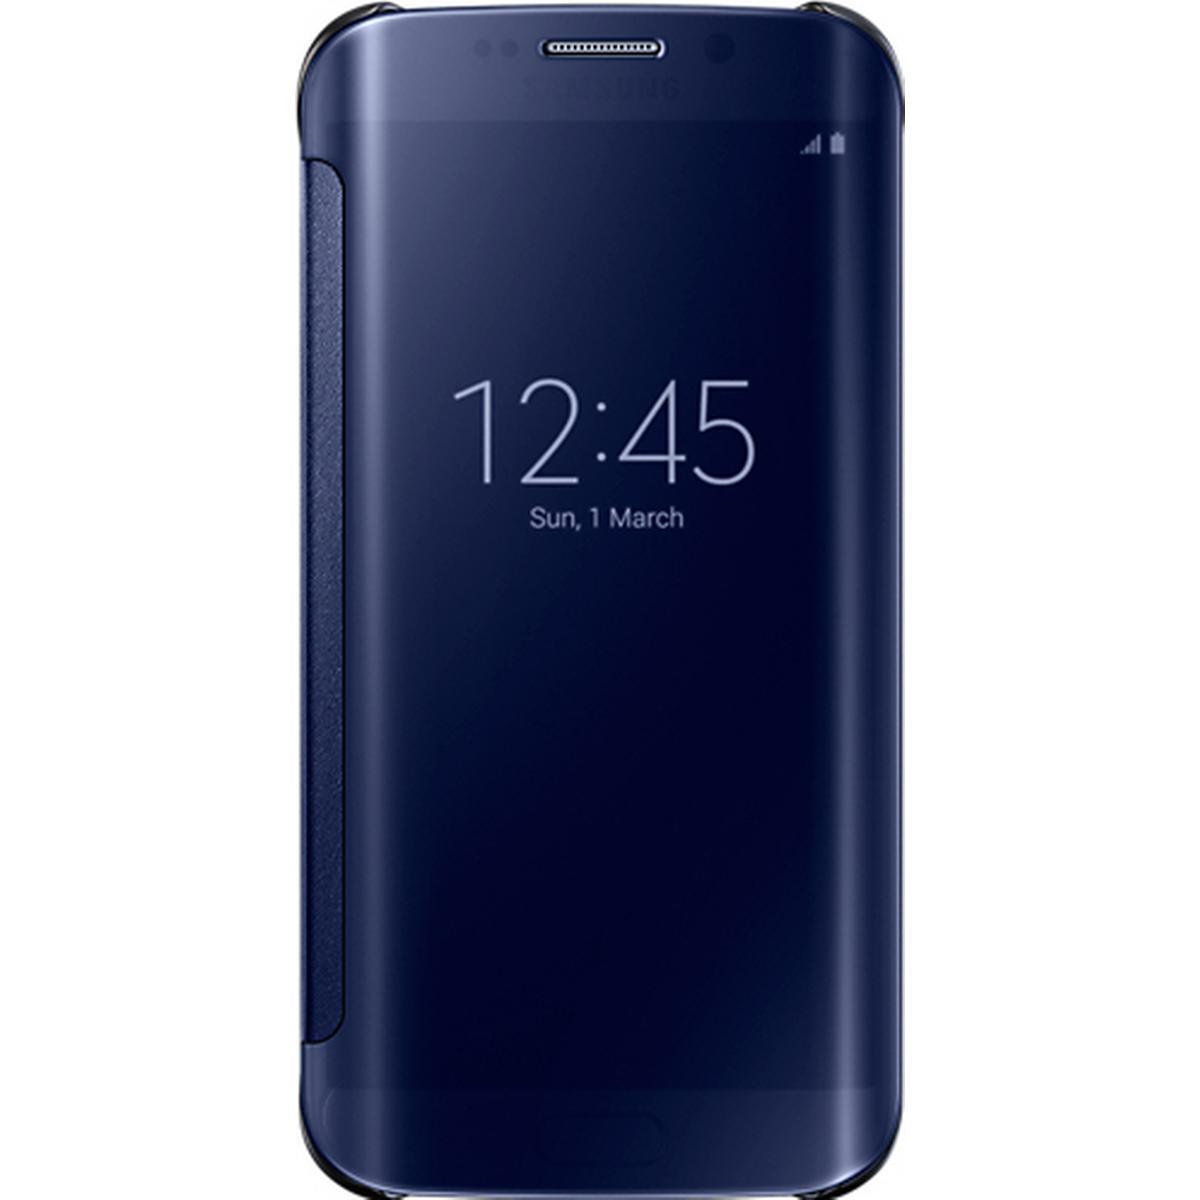 Samsung galaxy s6 view cover • Find billigste pris hos